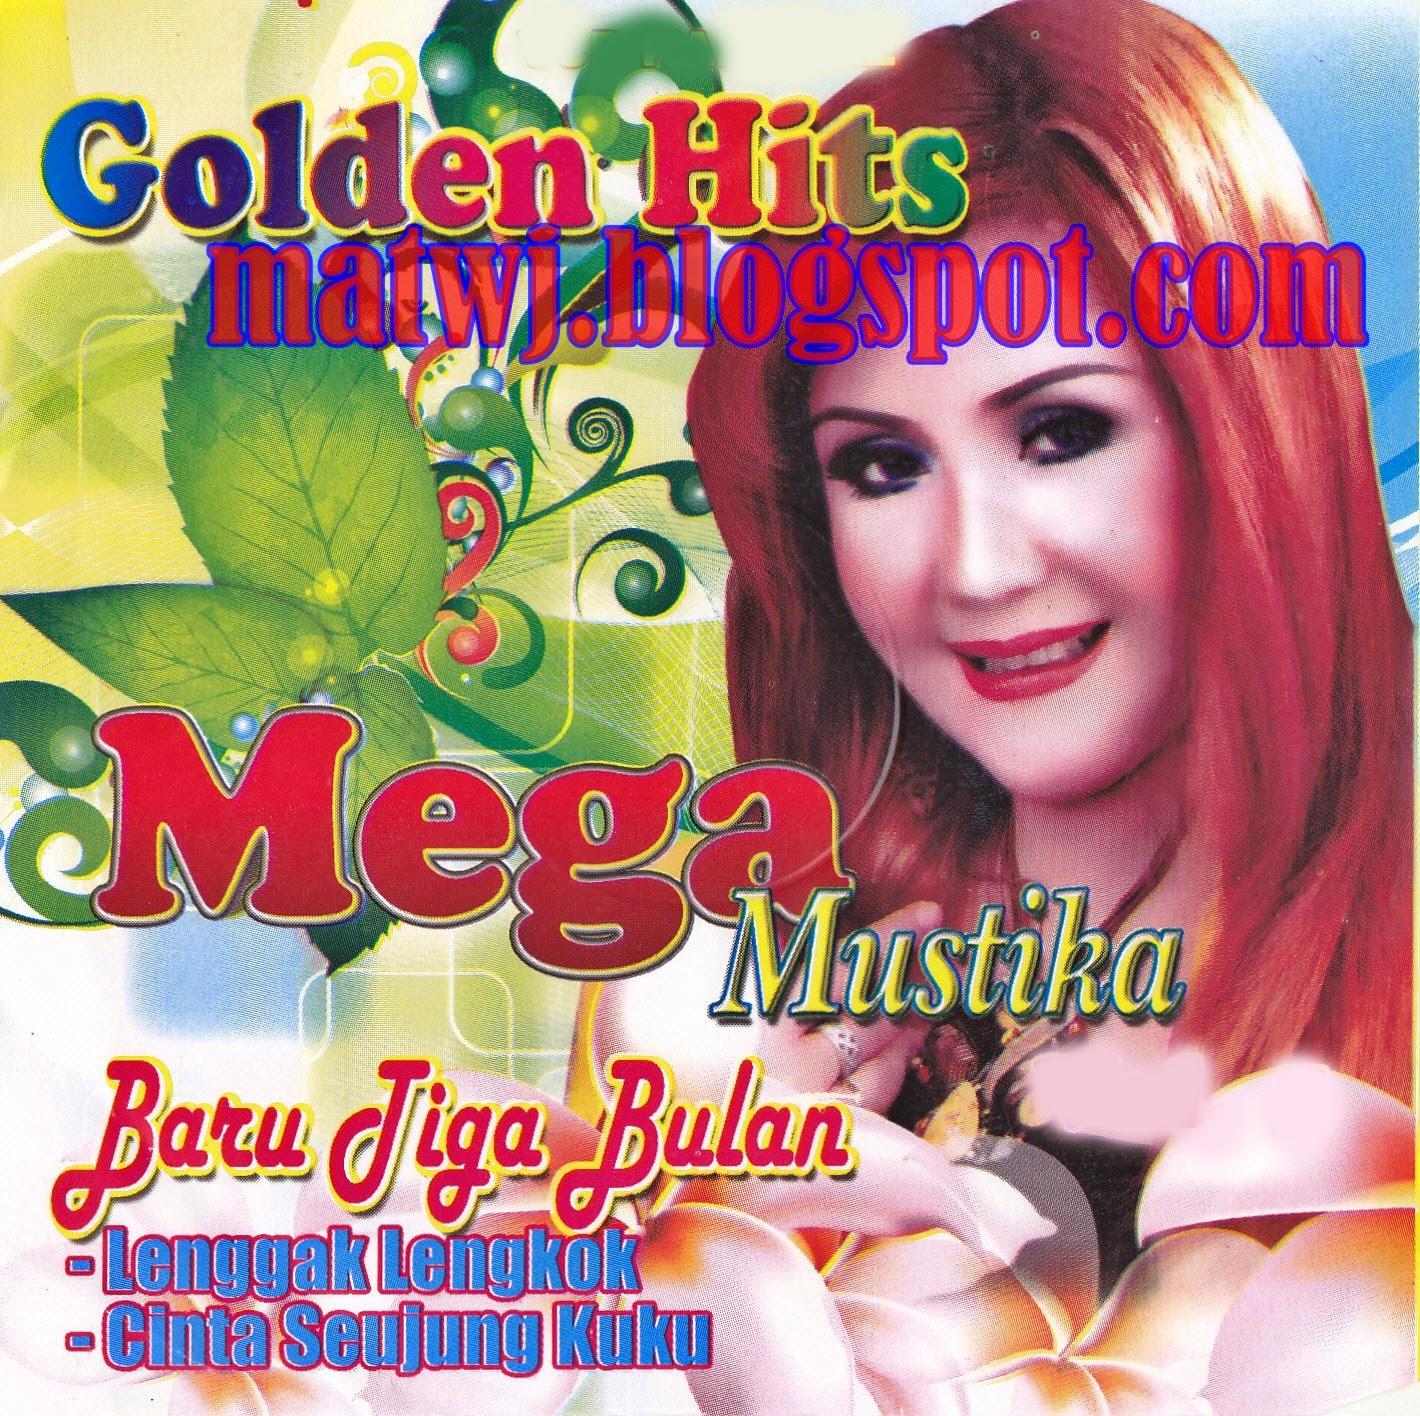 Download Lagu Dangdut Meraih Bintang: ..:Gratis Download MP3 Dangdut Original: